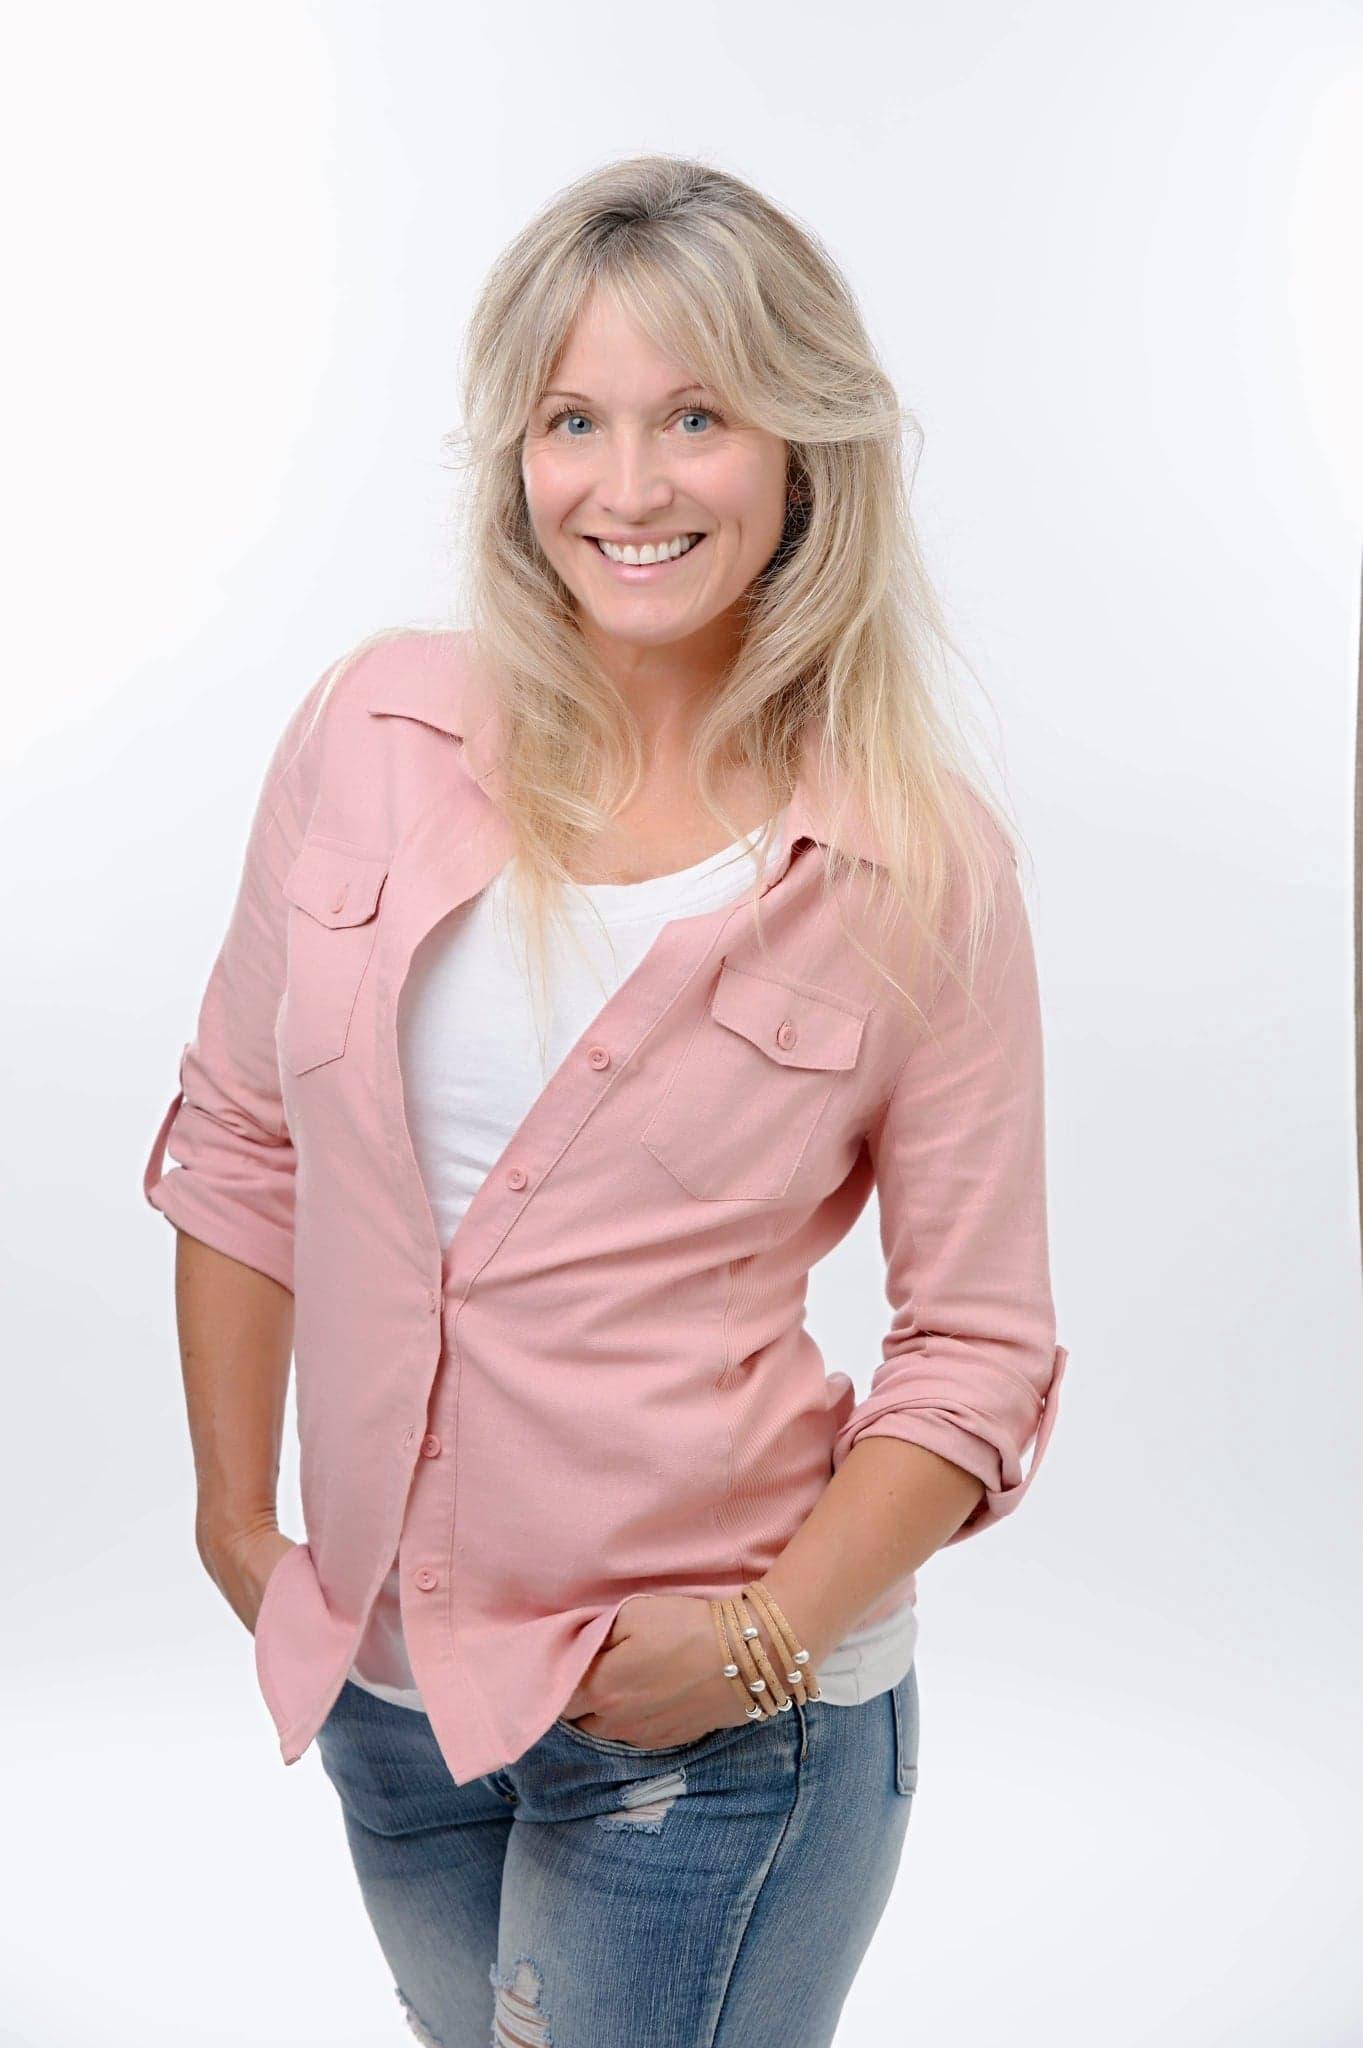 Monika Majnik